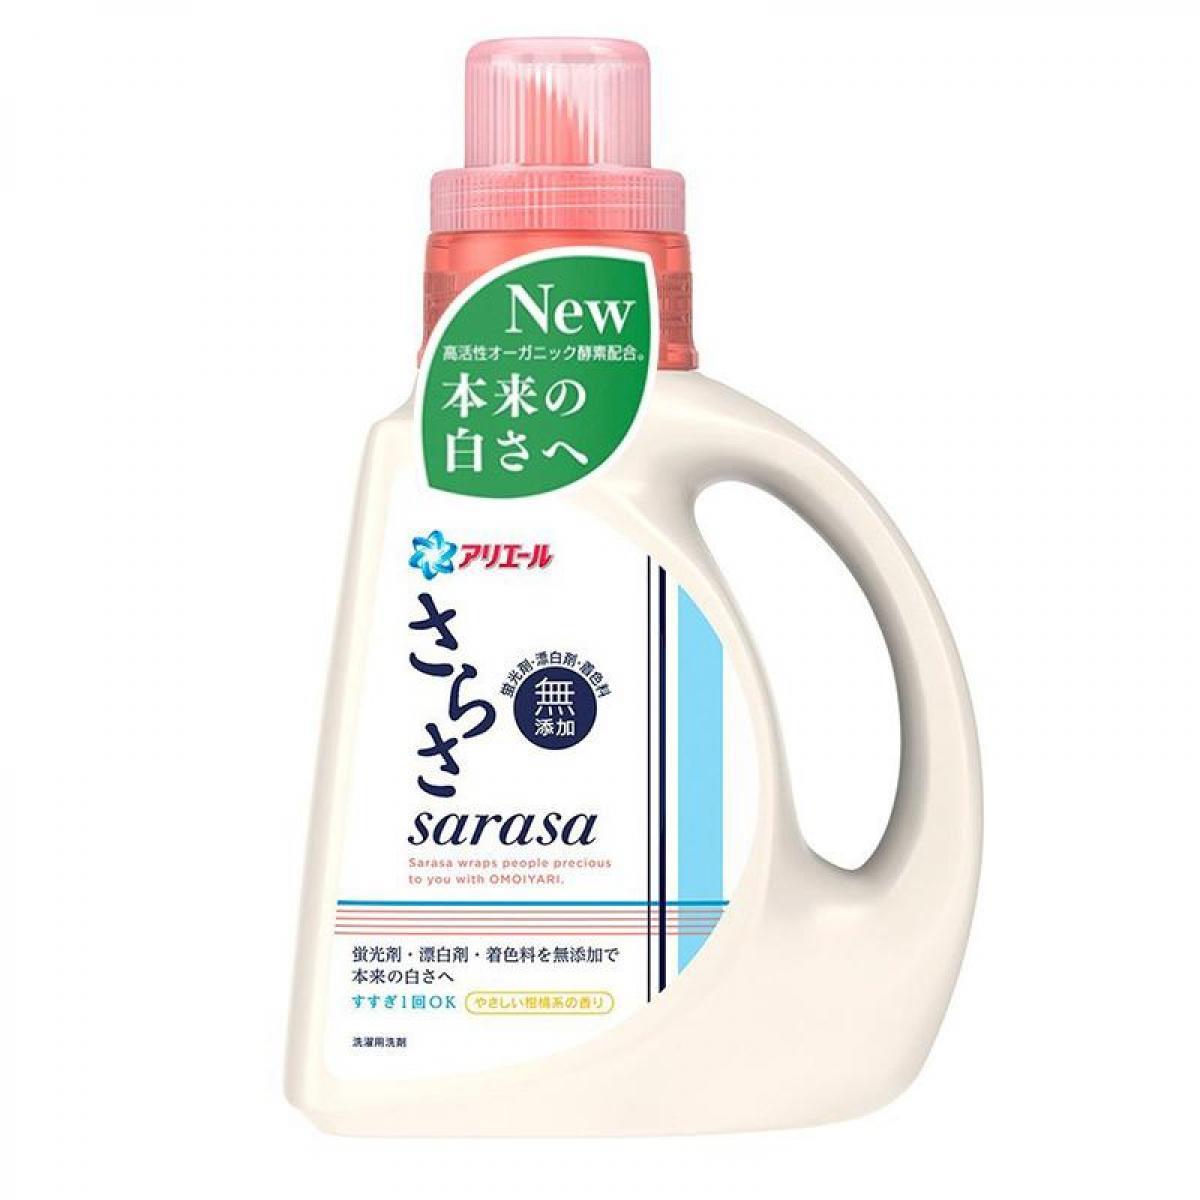 日本P&G Sarasa无添加 洗衣精 850g